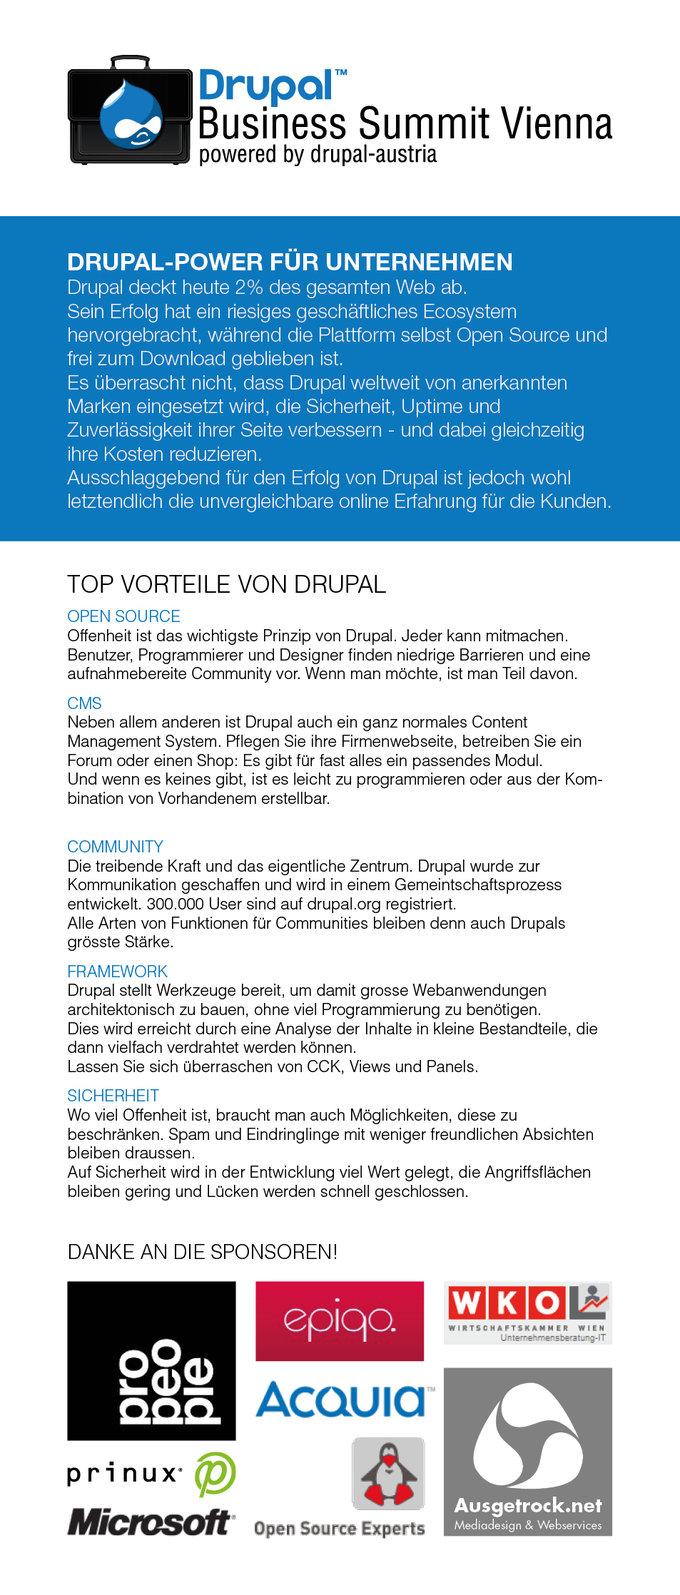 Drupal Business Summit Vienna Flyer Front